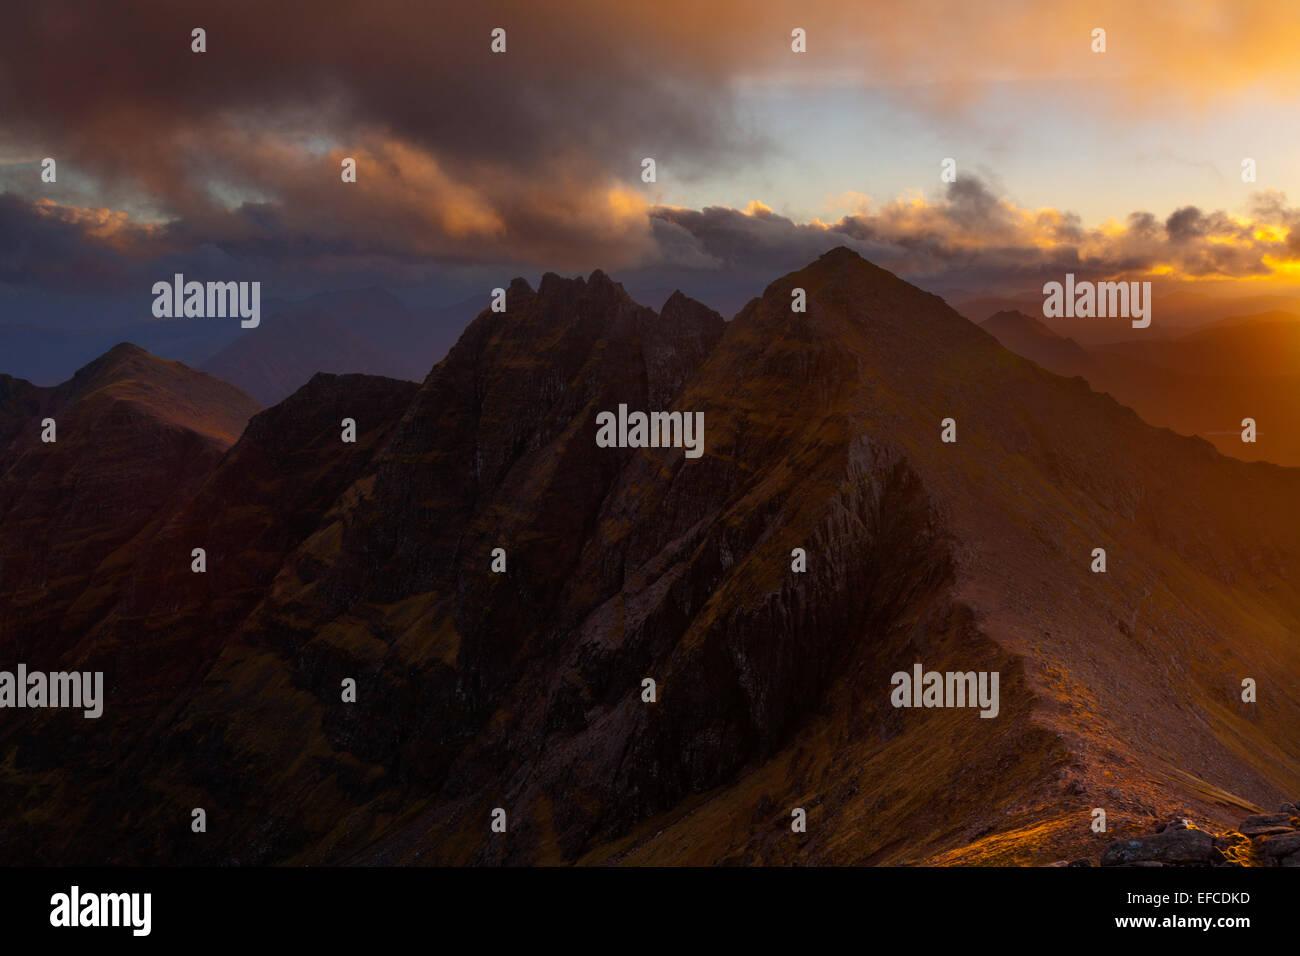 Fiery sky sur une Teallach au coucher du soleil, une des plus belles montagnes en Ecosse Photo Stock